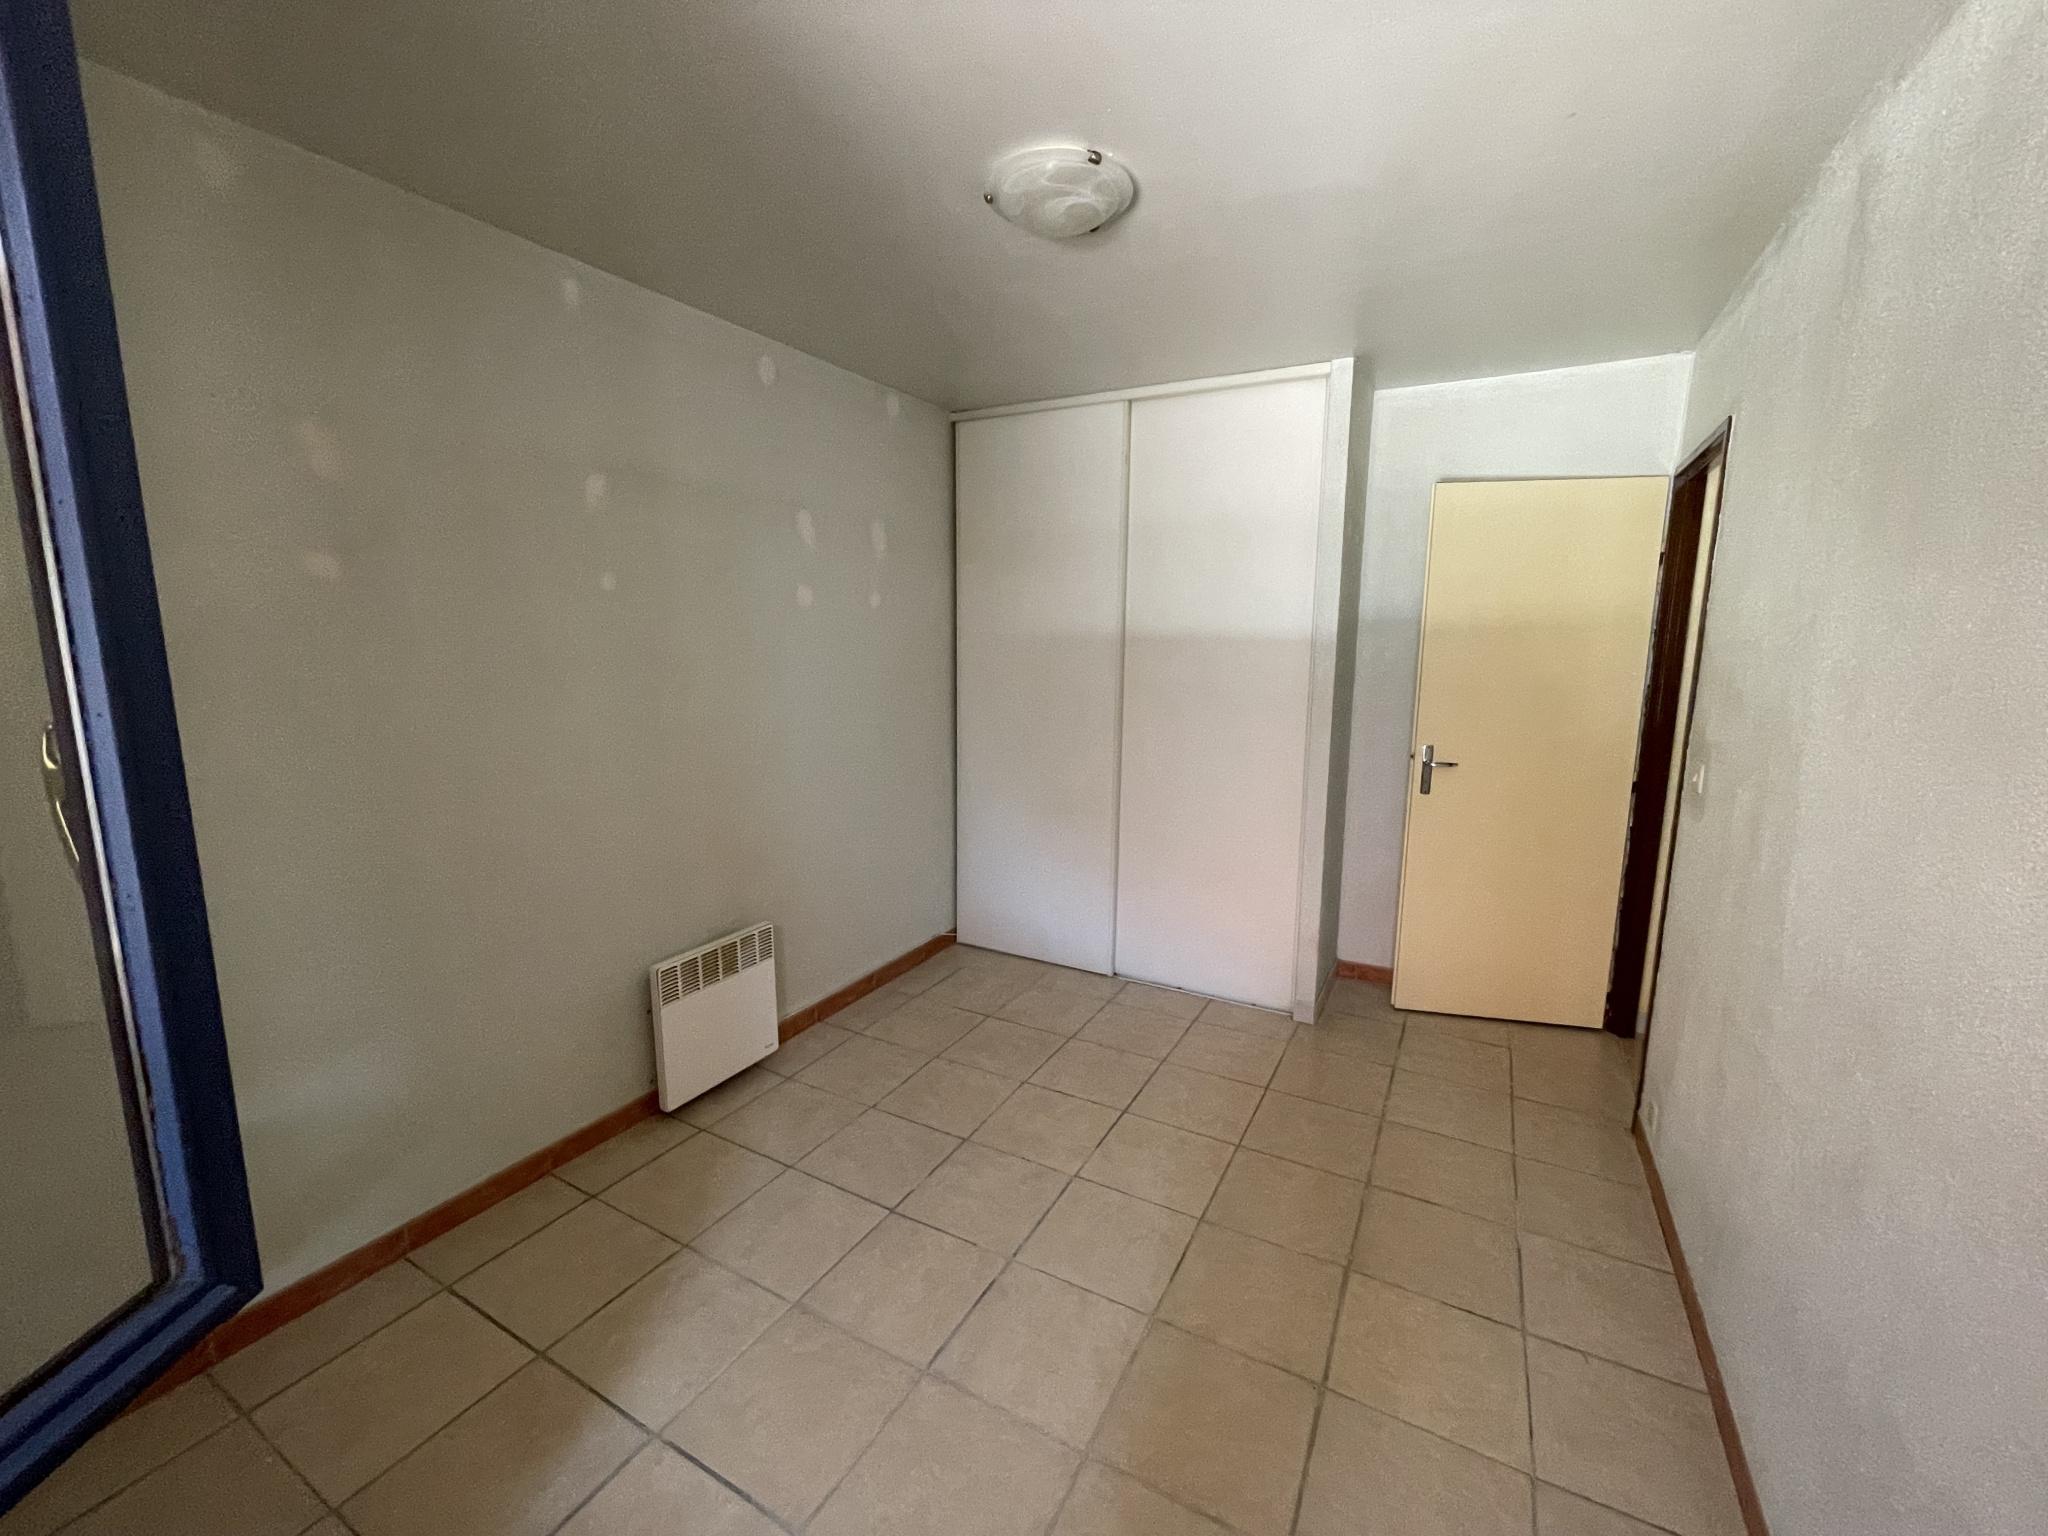 À vendre maison/villa de 100m2 à st genis des fontaines (66740) - Photo 22'